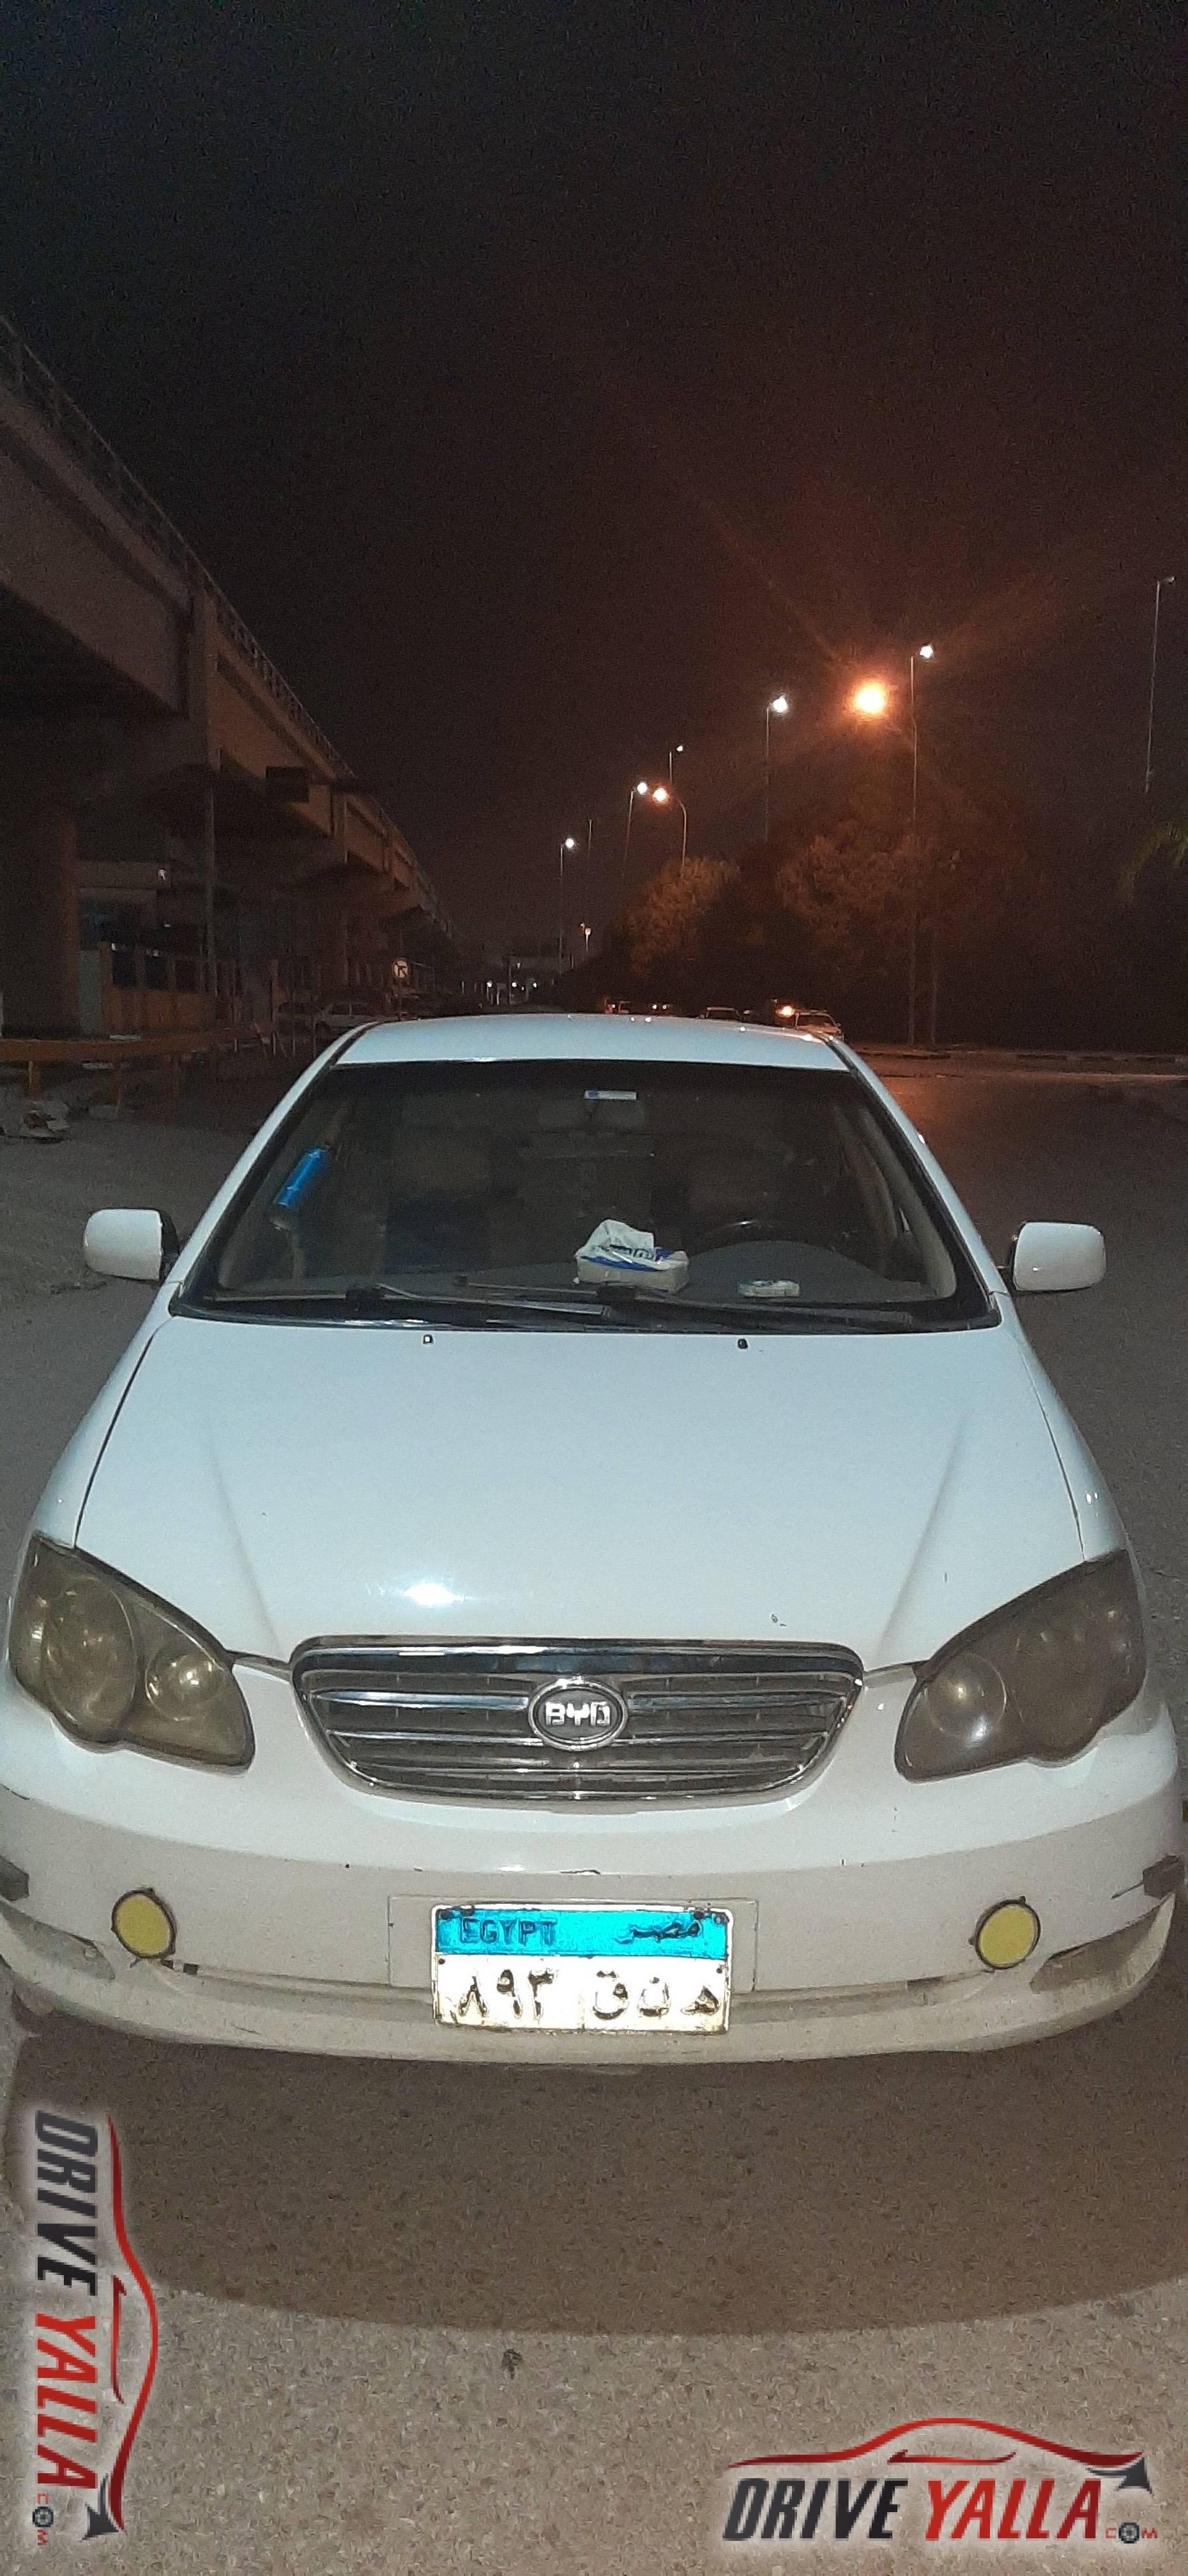 بى واى دى مستعملة للبيع فى مصر  ٢٠١٣